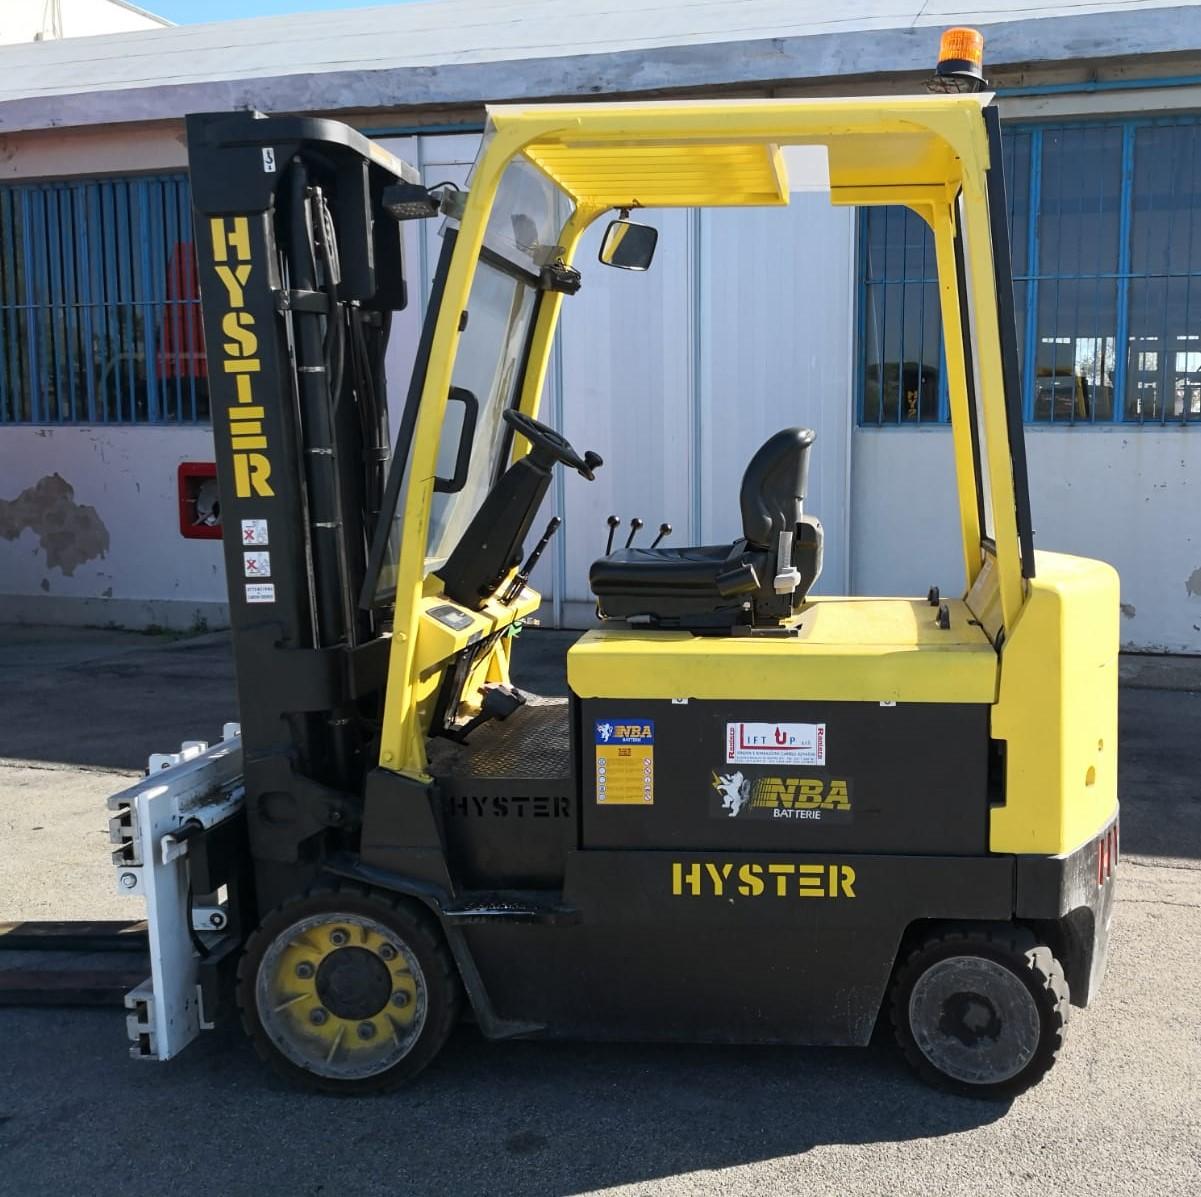 Carrello elevatore elettrico Hyster mod E 4.00 xl in vendita - foto 1